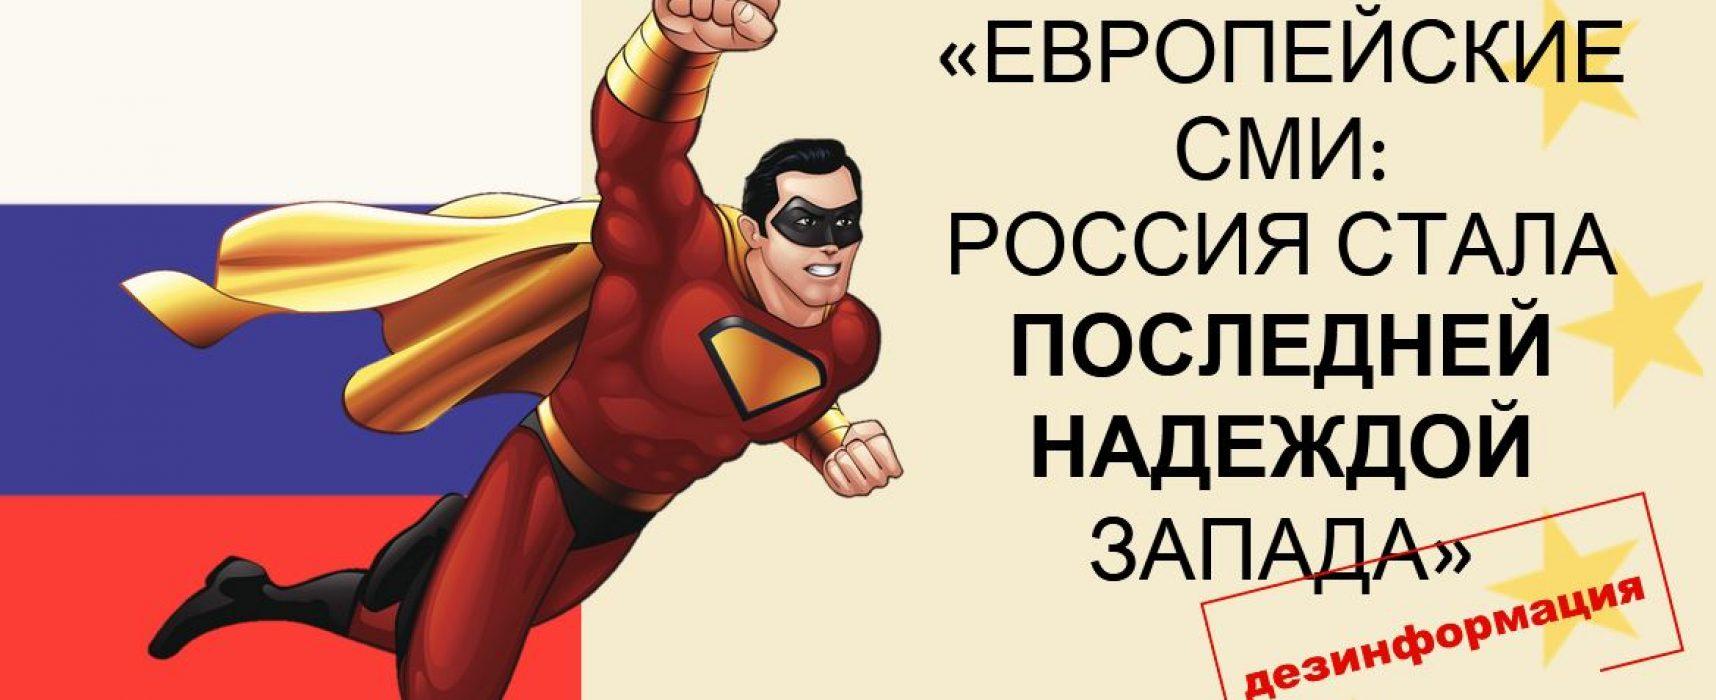 Заголовки по Фрейду от «РИА Новости»